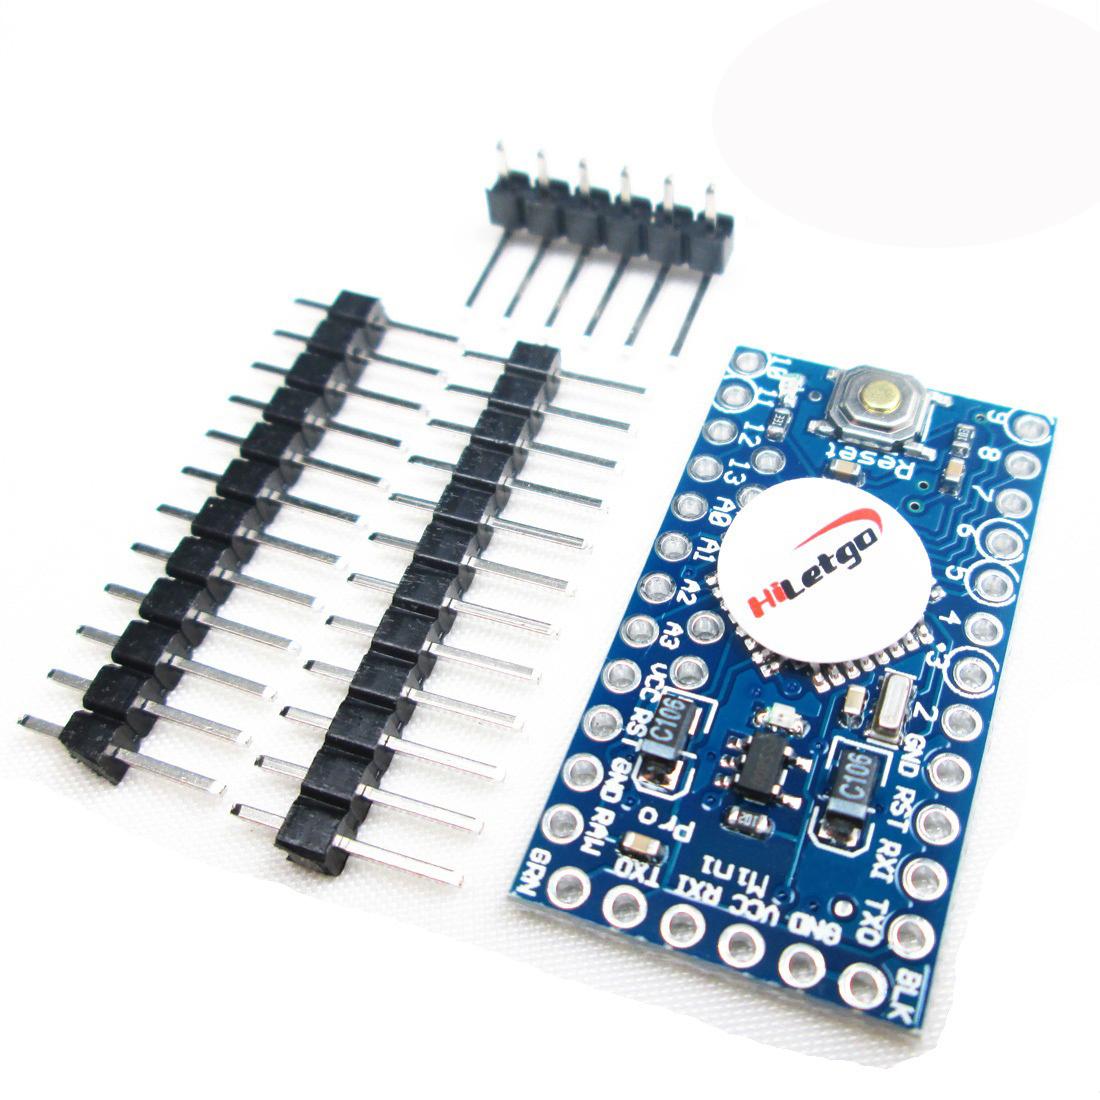 PRO Mini Atmega328P-AU 5V/16MHz Development Board